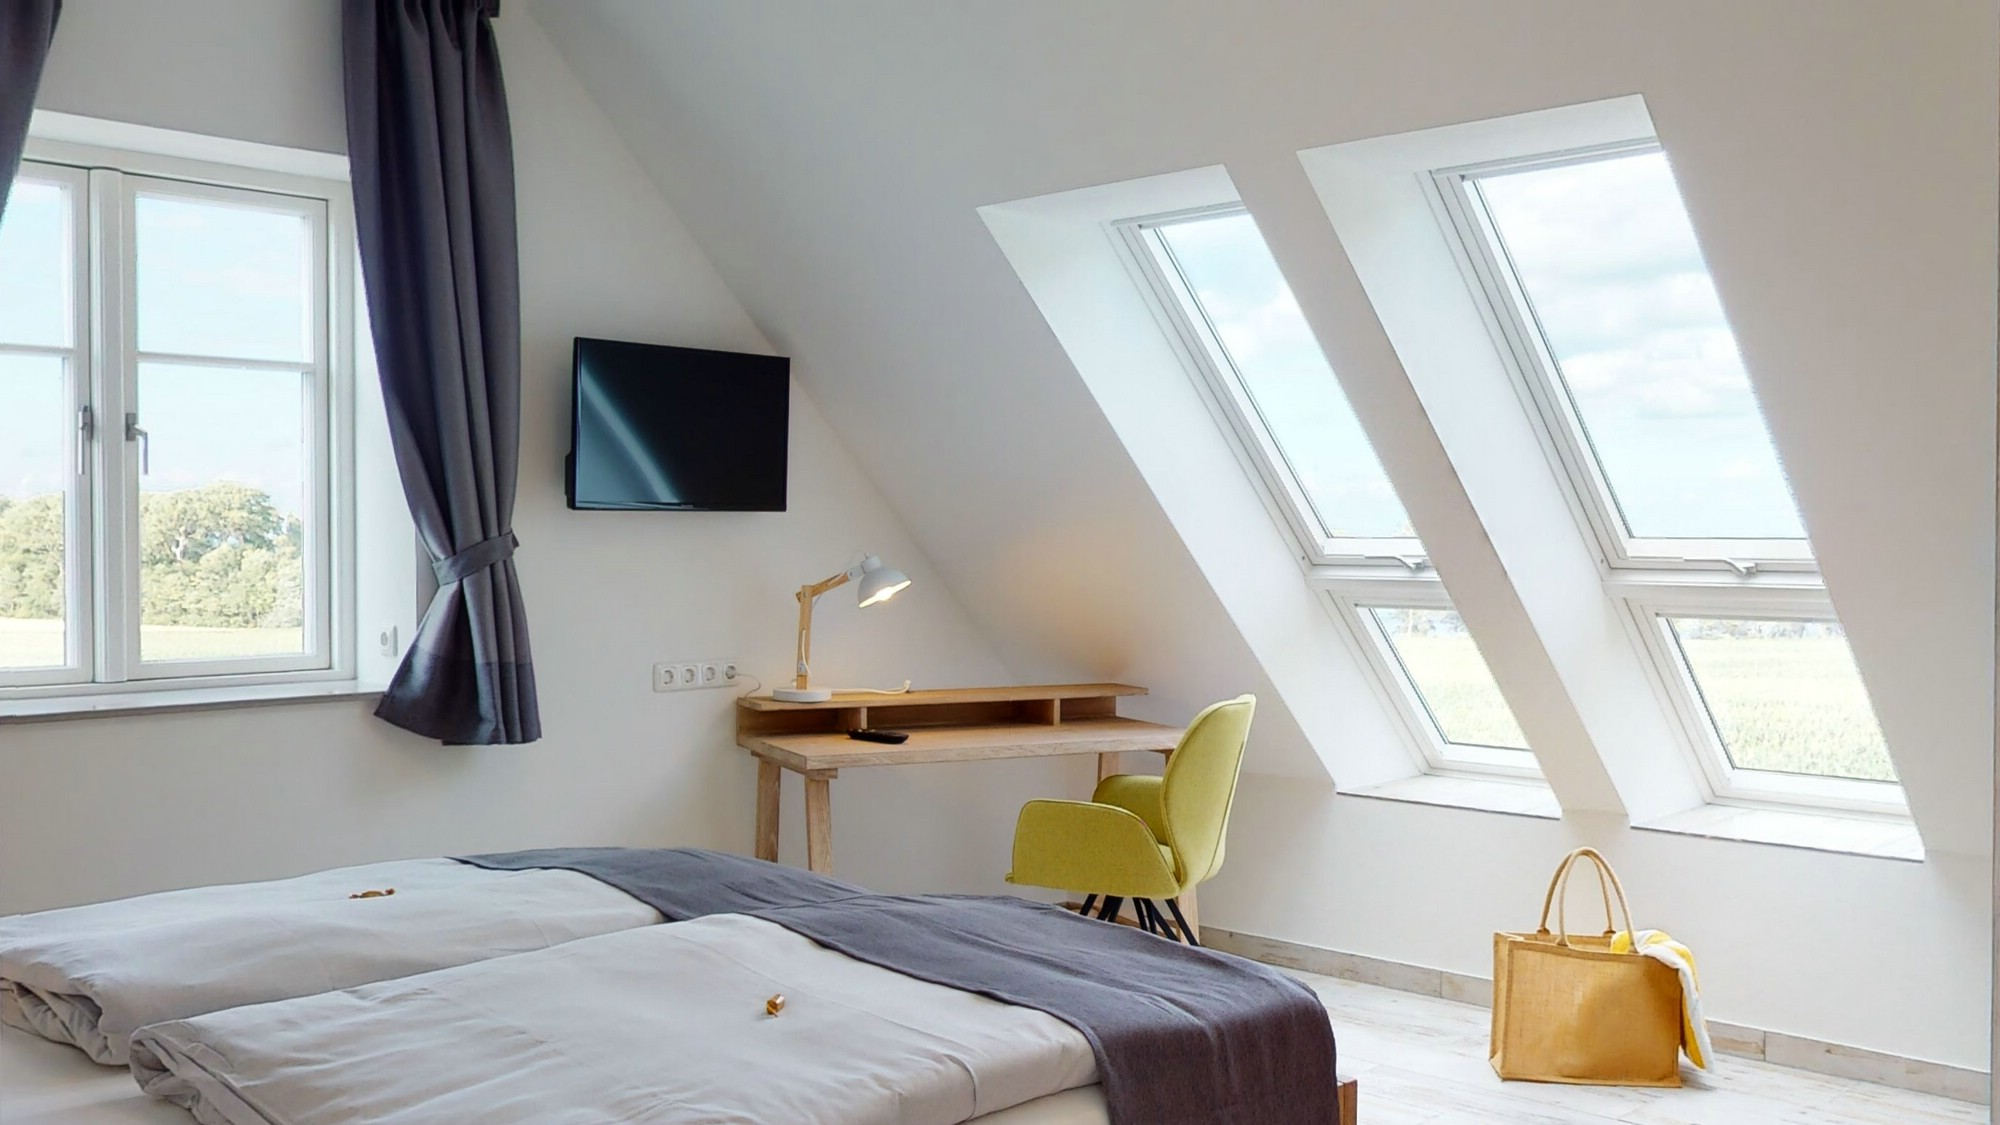 mb_Ferienbauernhof-Liesenberg-Haus-Ostseebrise-07262020_205902.jpg